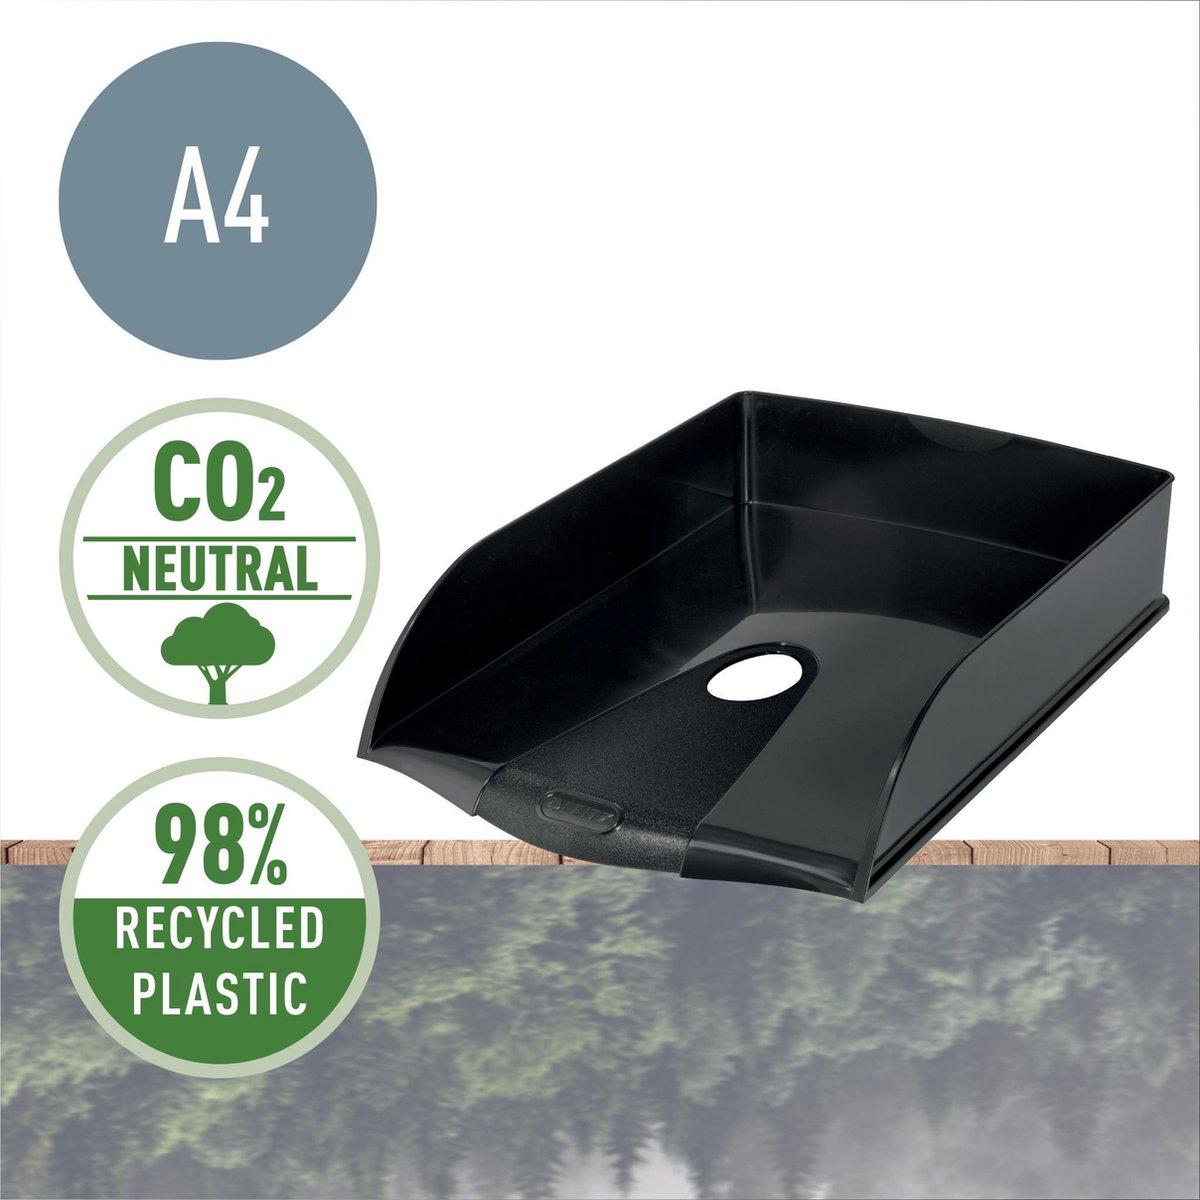 Leitz Recycle Brievenbak - Brievenhouder Voor A4 Documenten - Gemaakt Van 98% Gerecycled Plastic, 100% Recyclebaar - Zwart